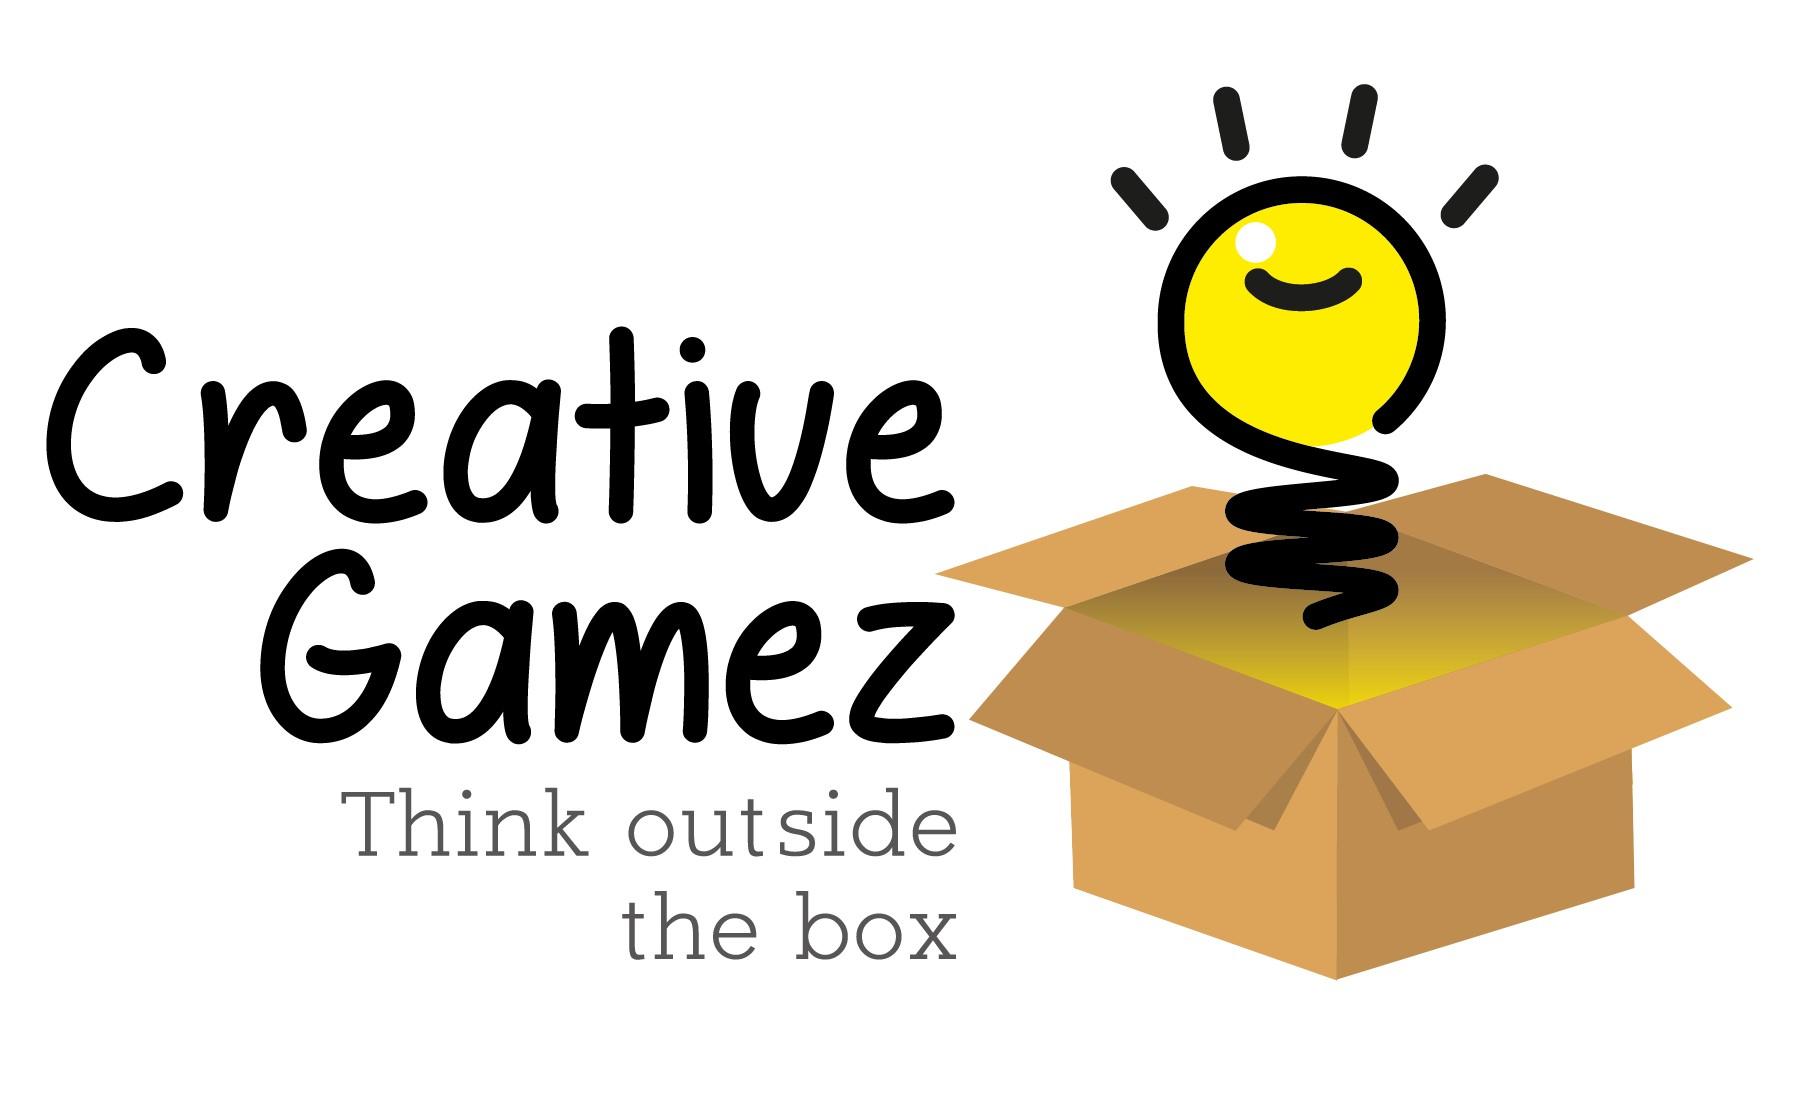 https://houghandbollard.co.uk/wp-content/uploads/2018/11/Logo-Creative-Gamez.jpg